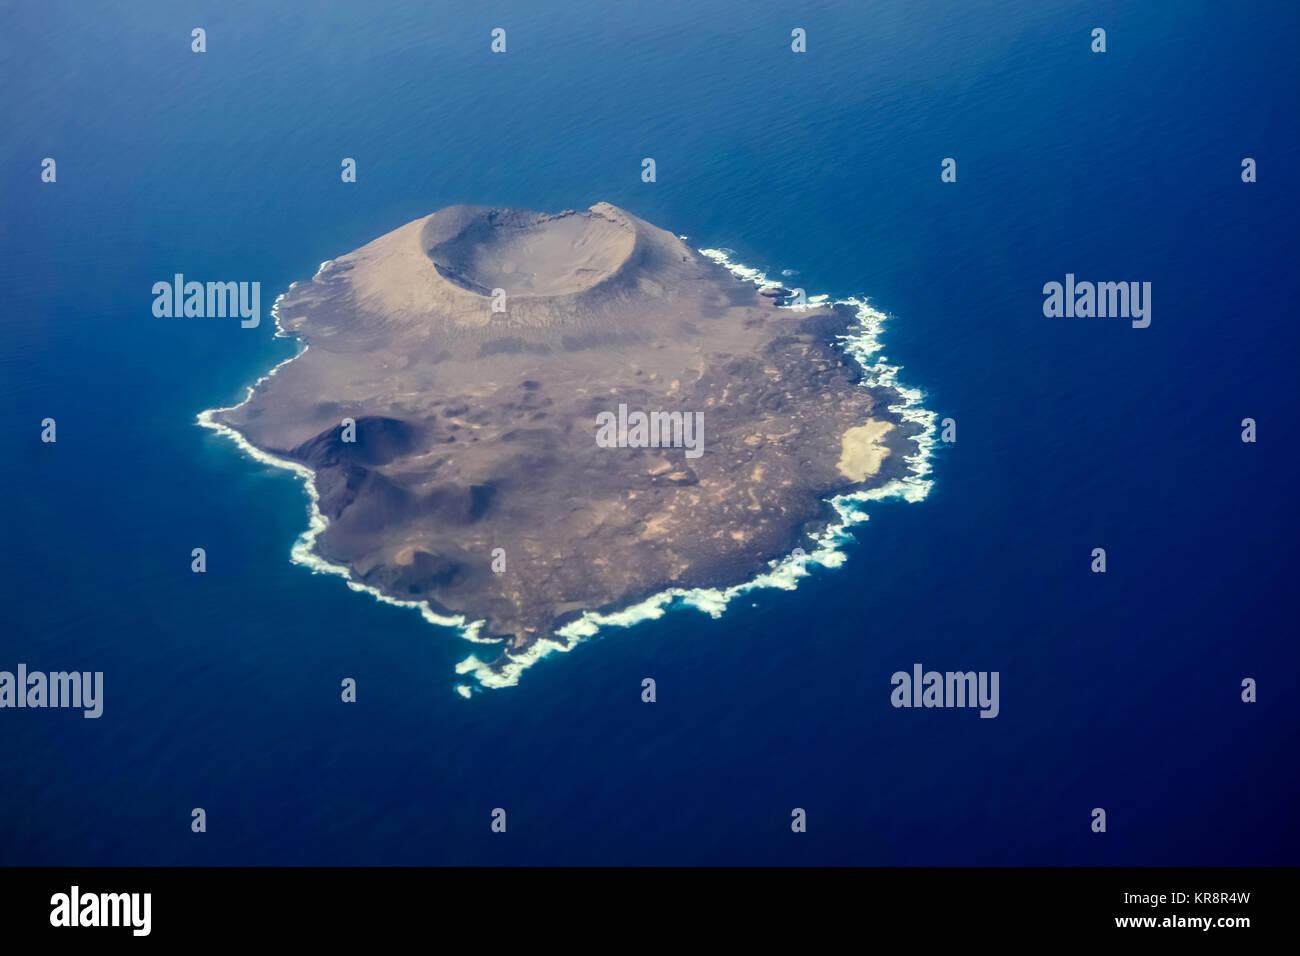 LANZAROTE, SPANIEN 11. Nov. 2017: Die Isla de Alegranza ist eine kleine Insel im Norden von Lanzarote, gehört Stockbild